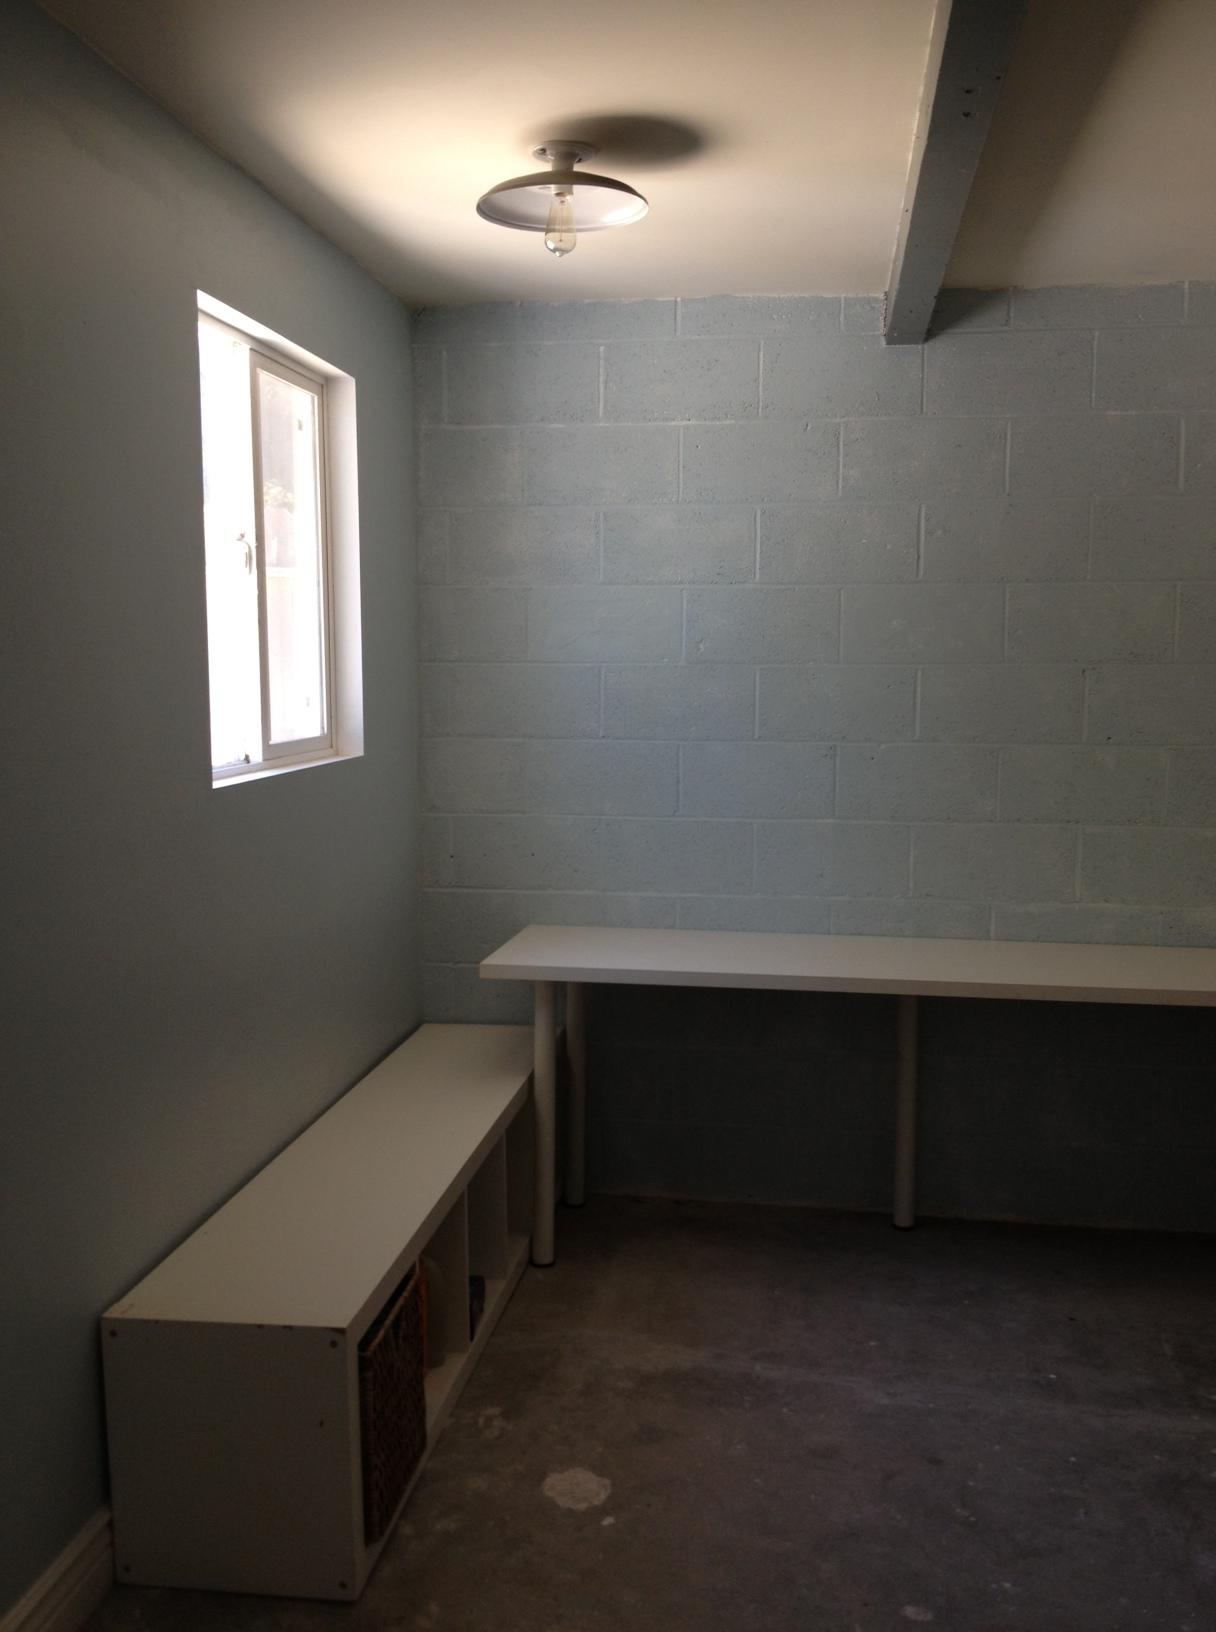 Laundry Room Progress 2